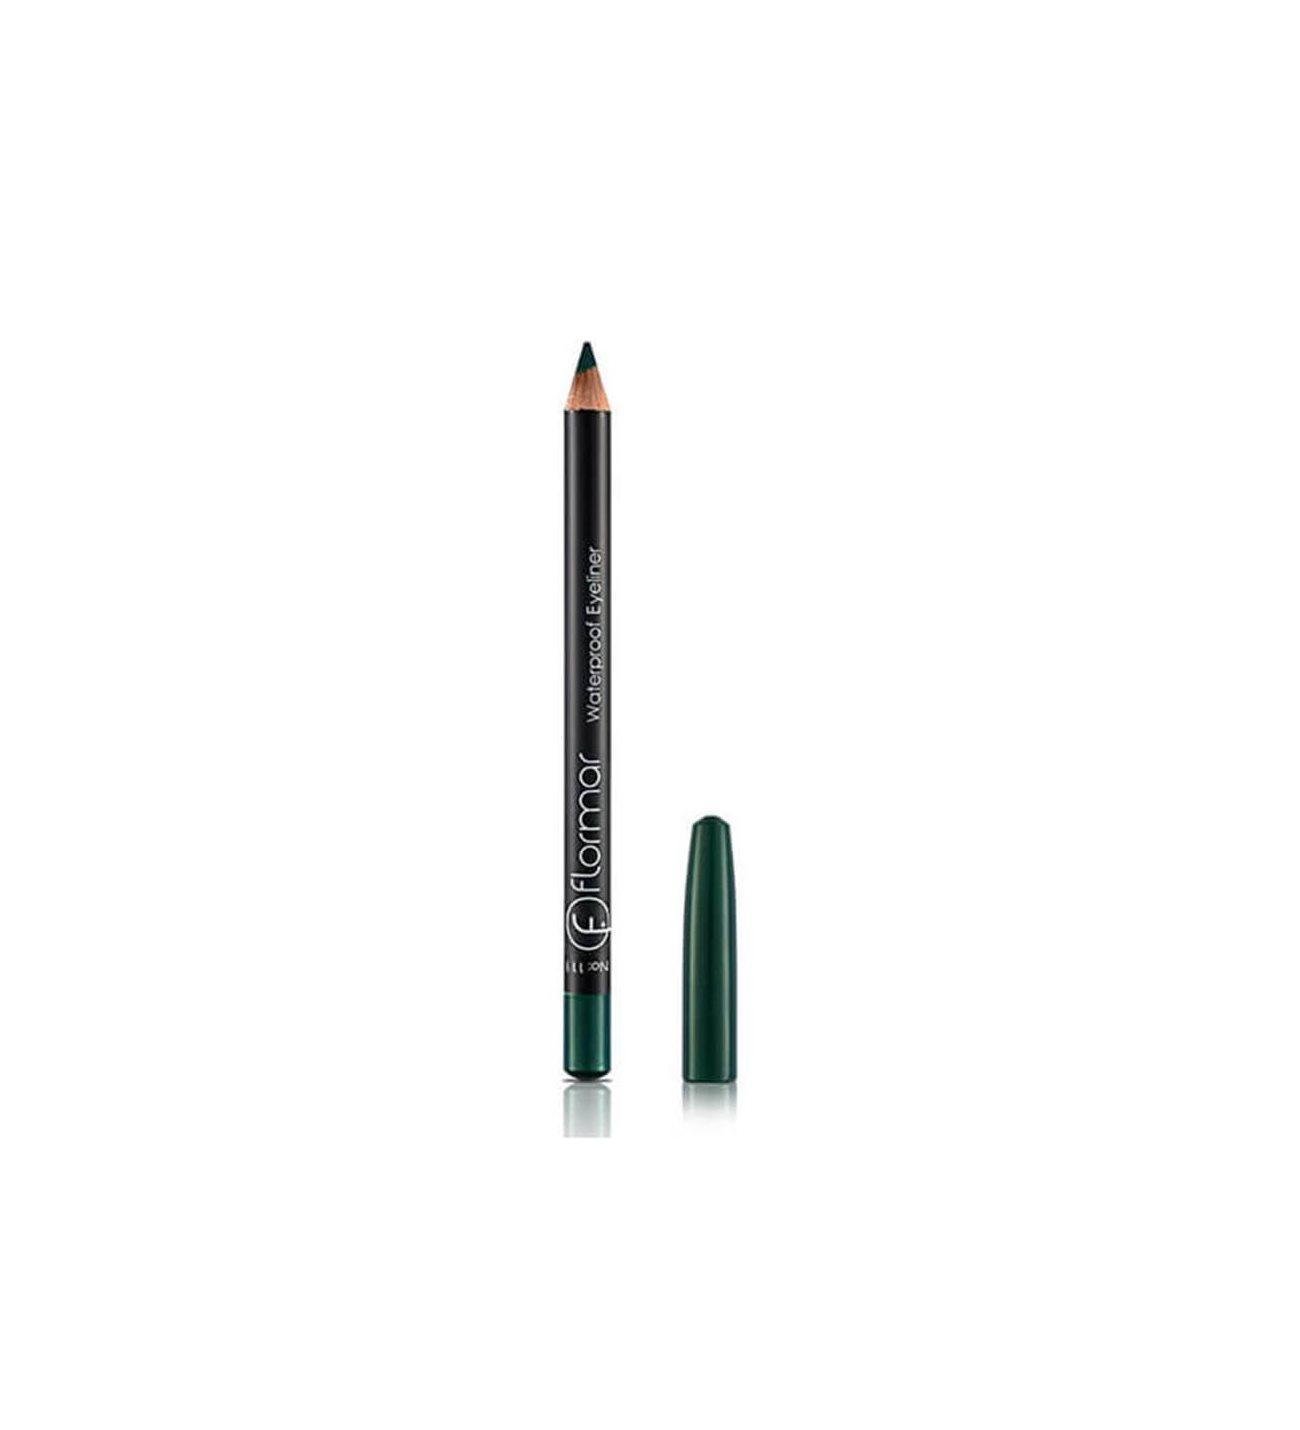 Flormar  Eyeliner Pencil  111 Intensive Jade